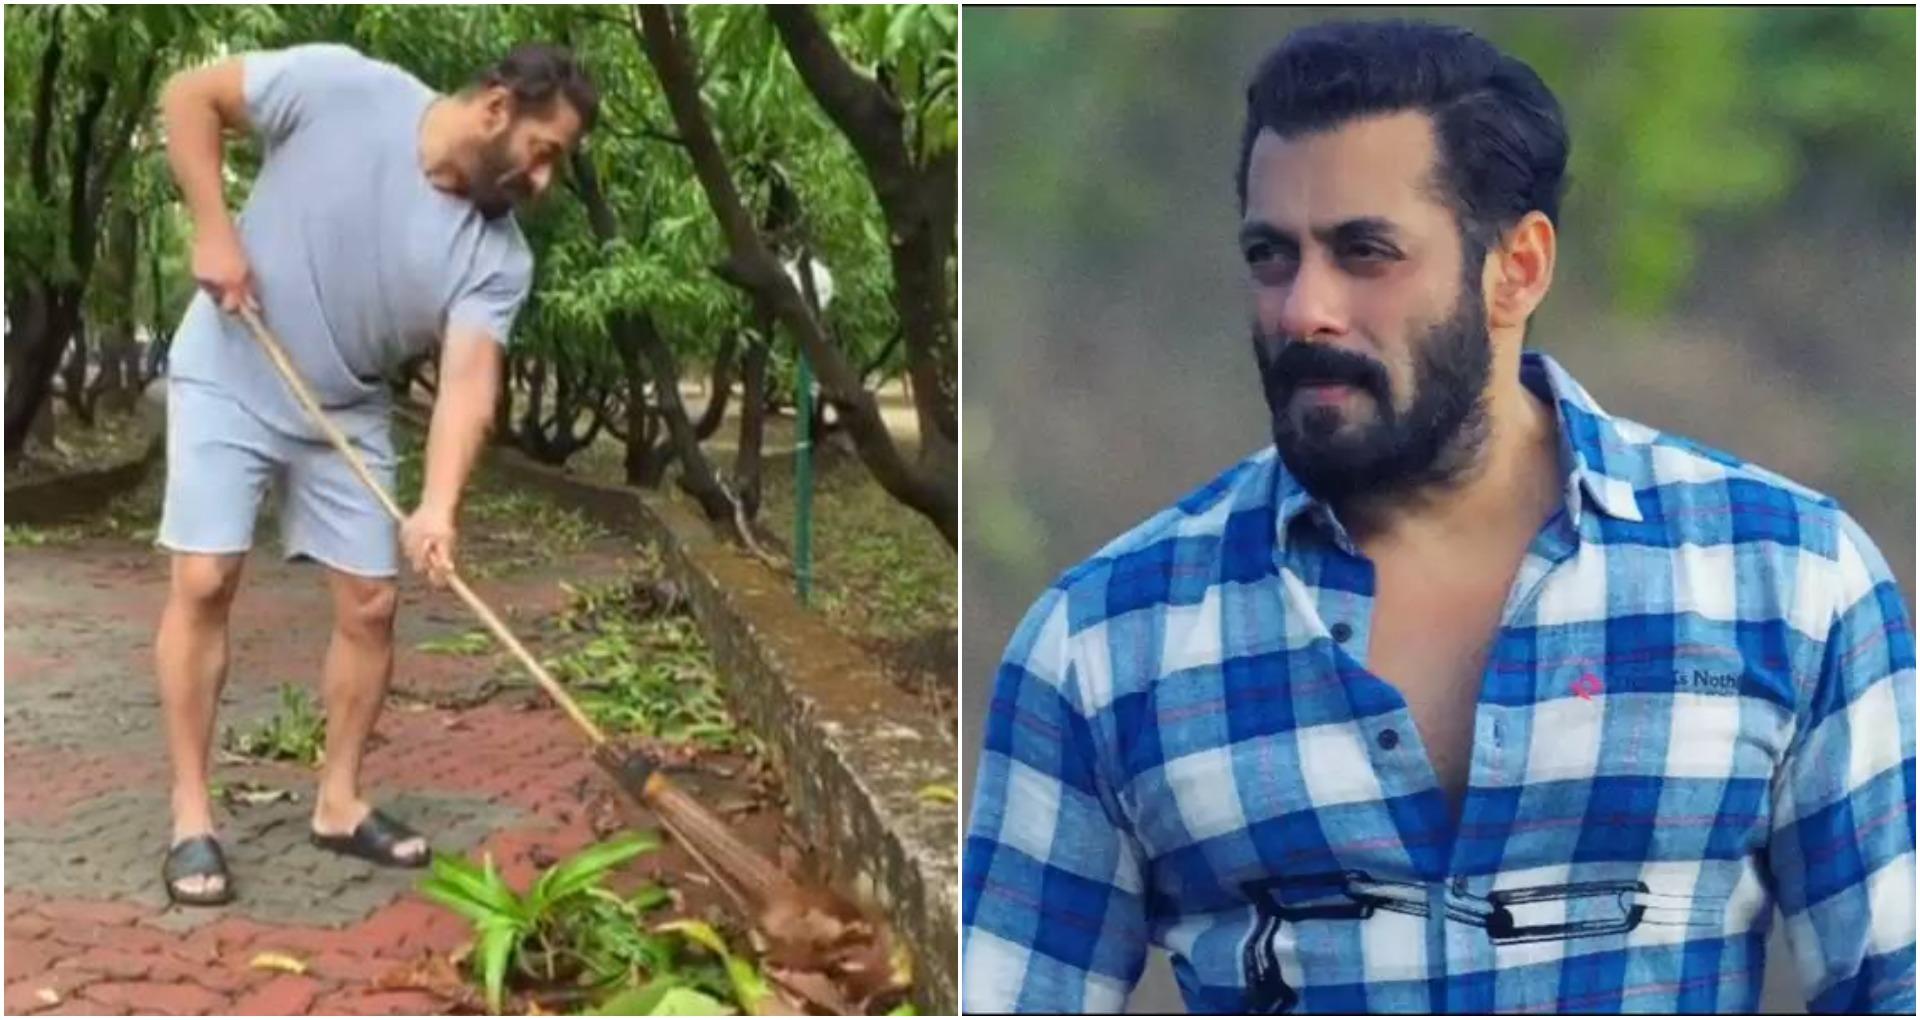 World Environment Day: सलमान खान ने लगाया पनवेल फार्म हाउस में झाड़ू, वायरल हुआ वीडियो